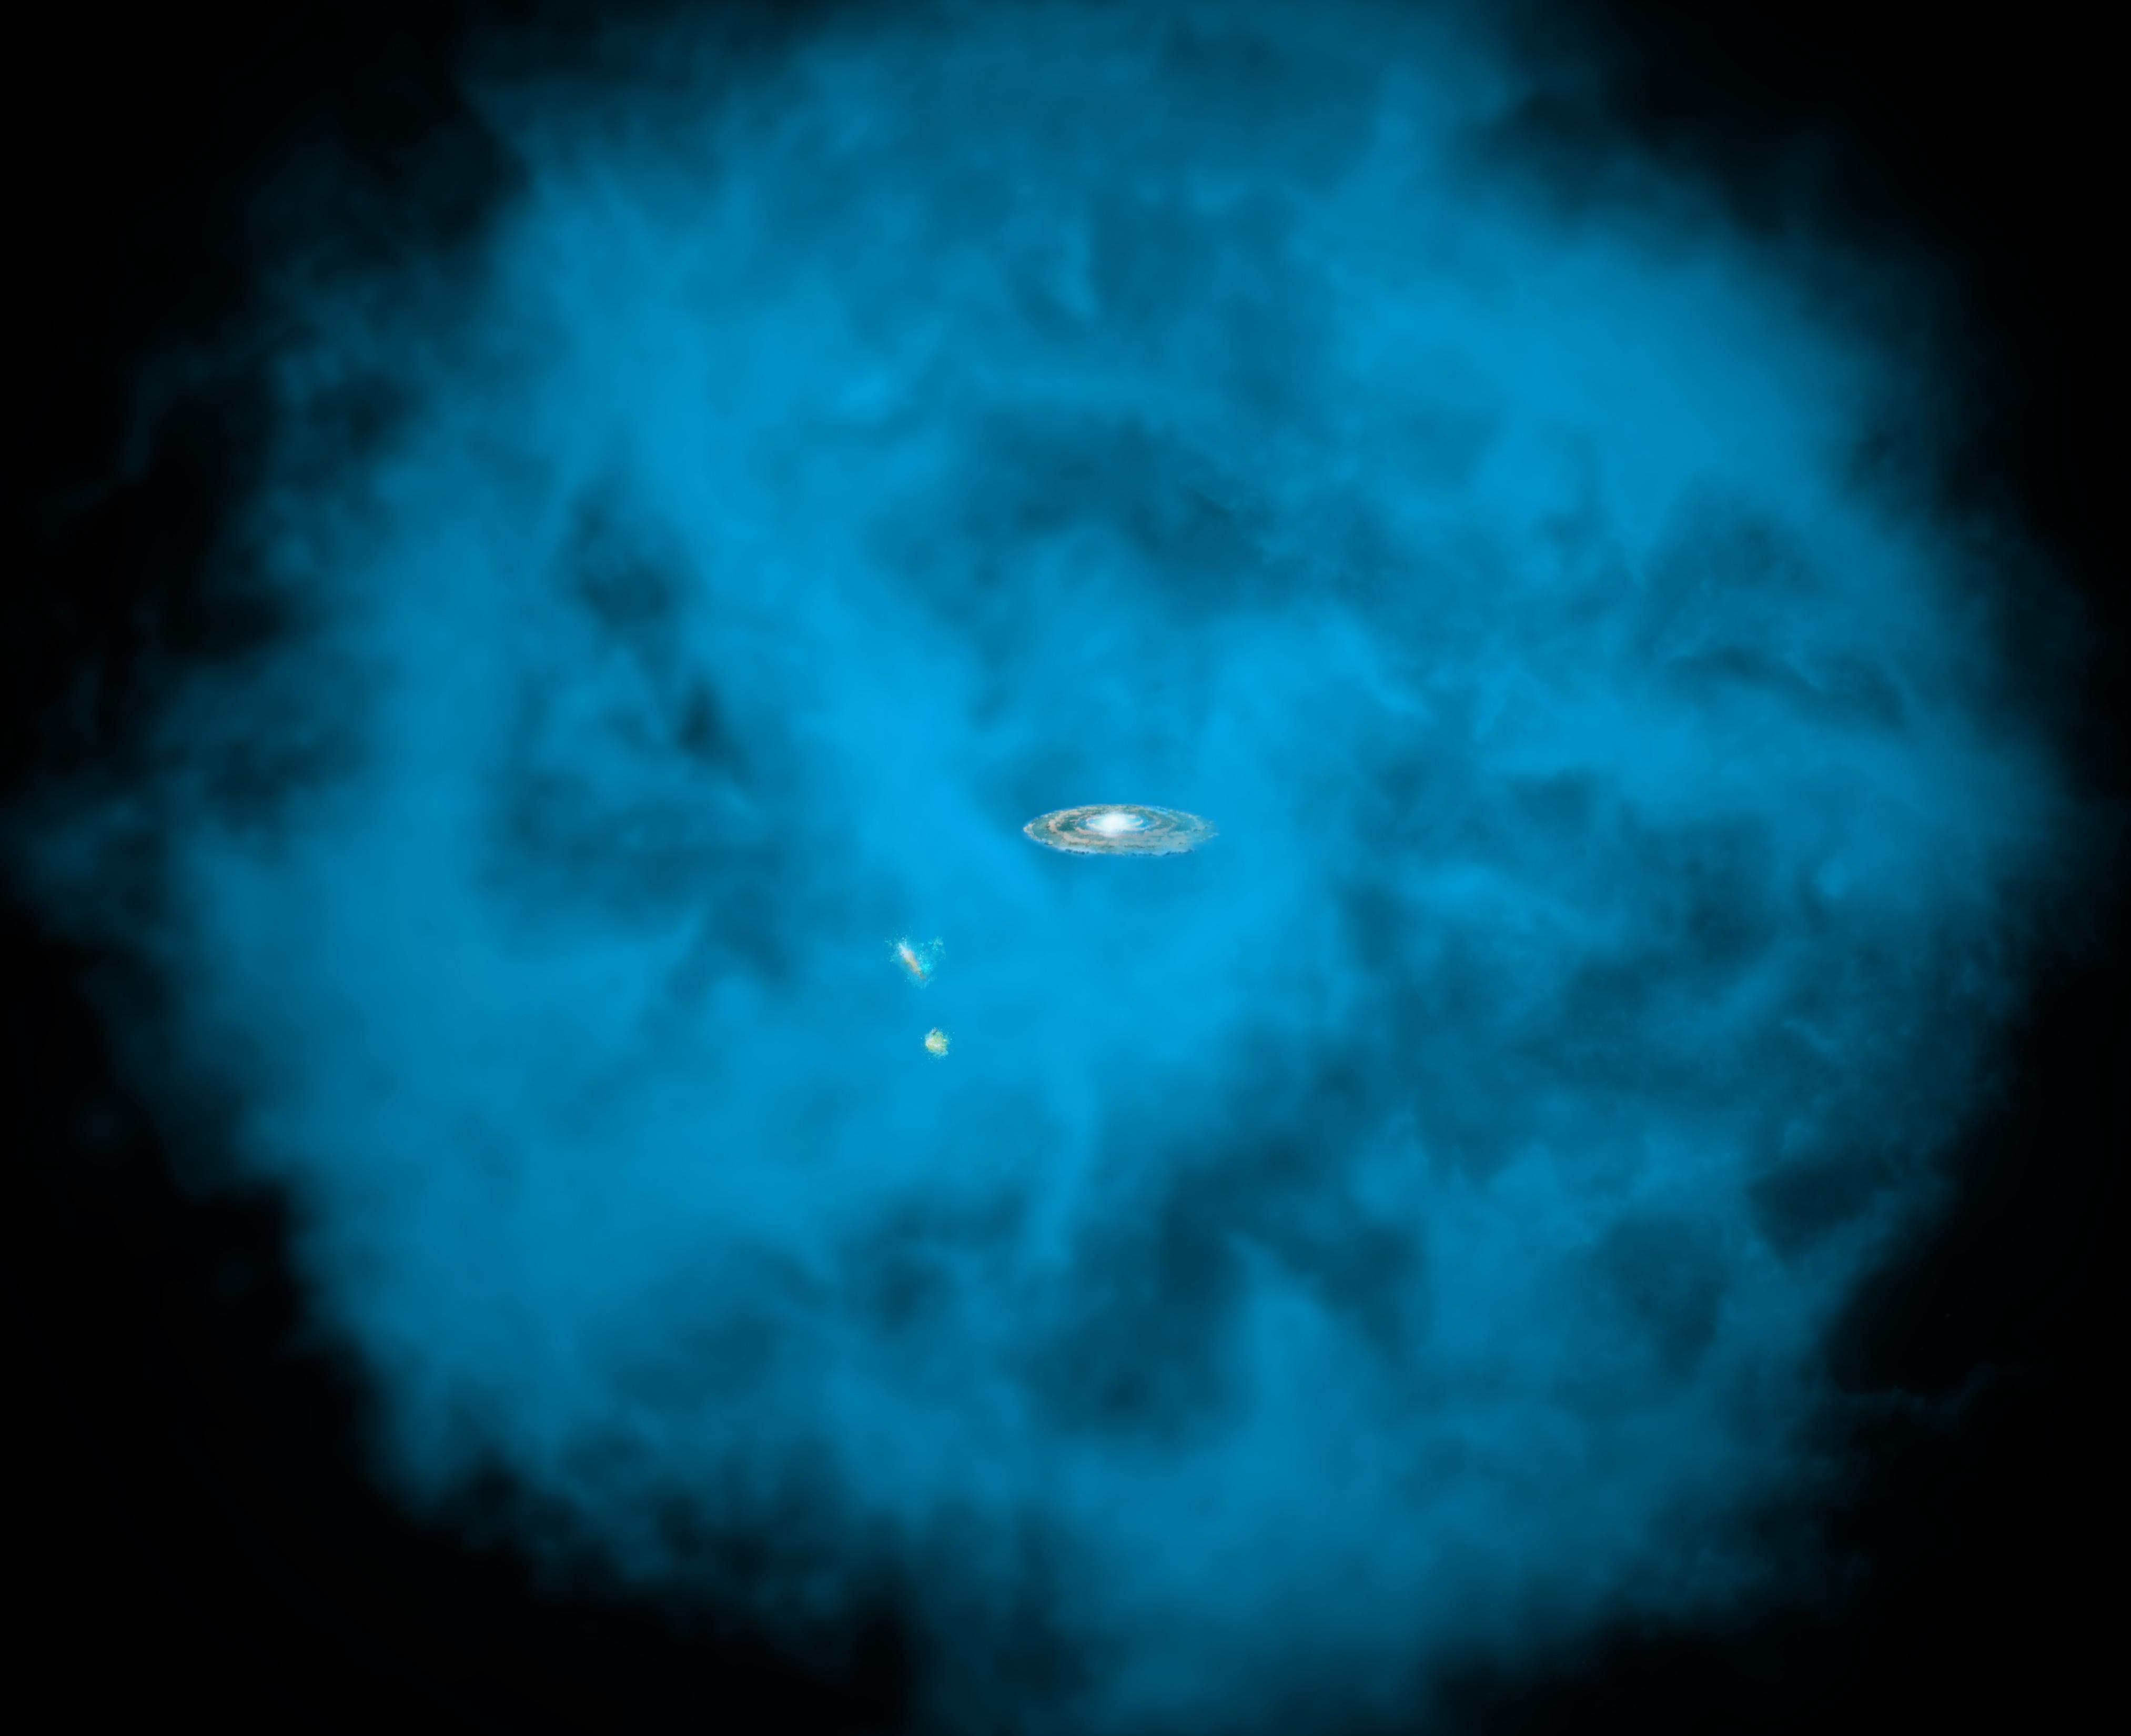 Samanyolu Galaksisi'nin etrafındaki sıcak halenin illüstrasyonu